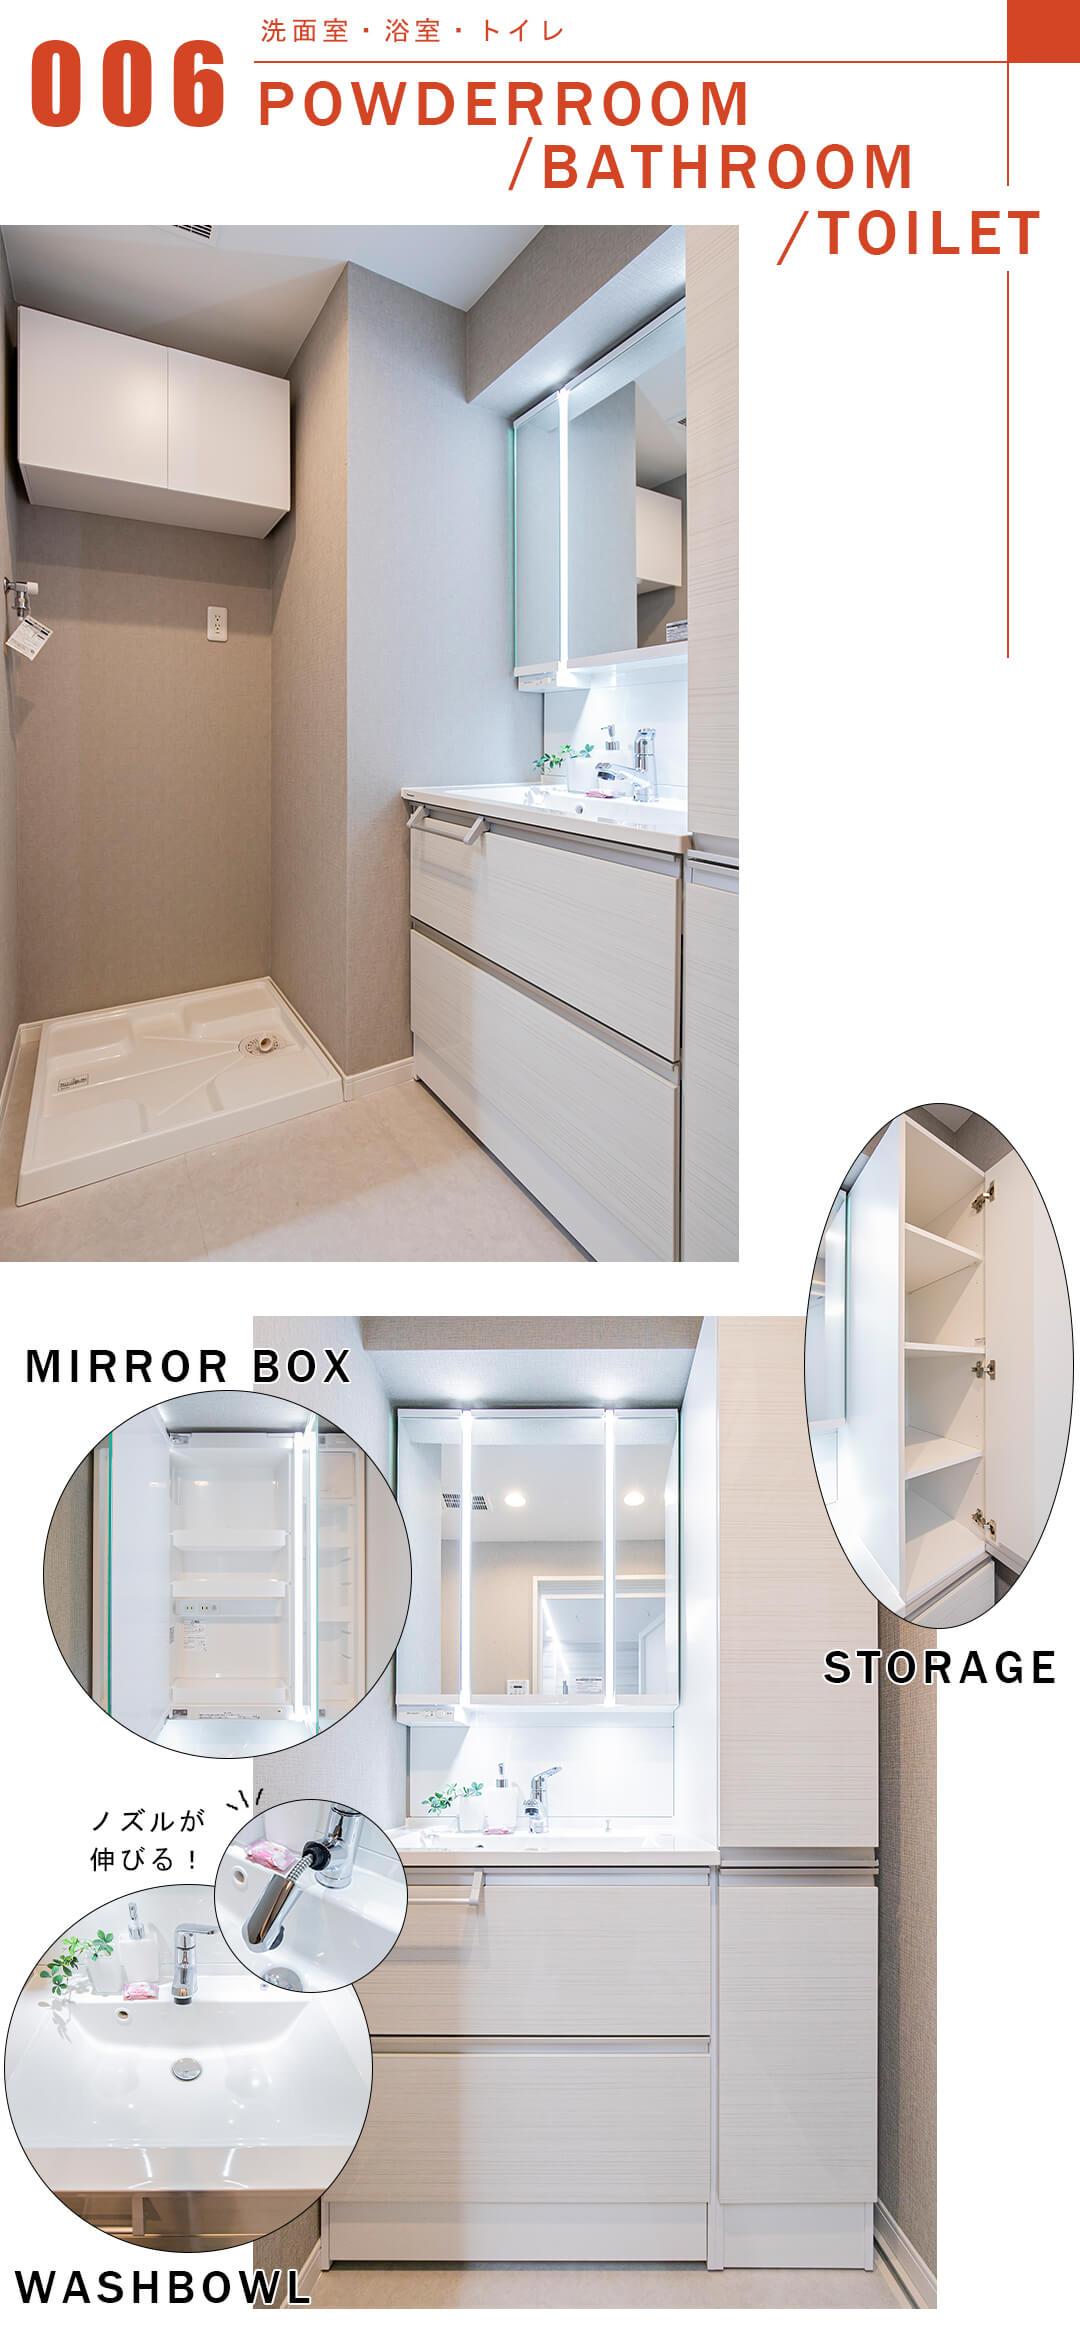 朝日シティパリオ西早稲田館の洗面室